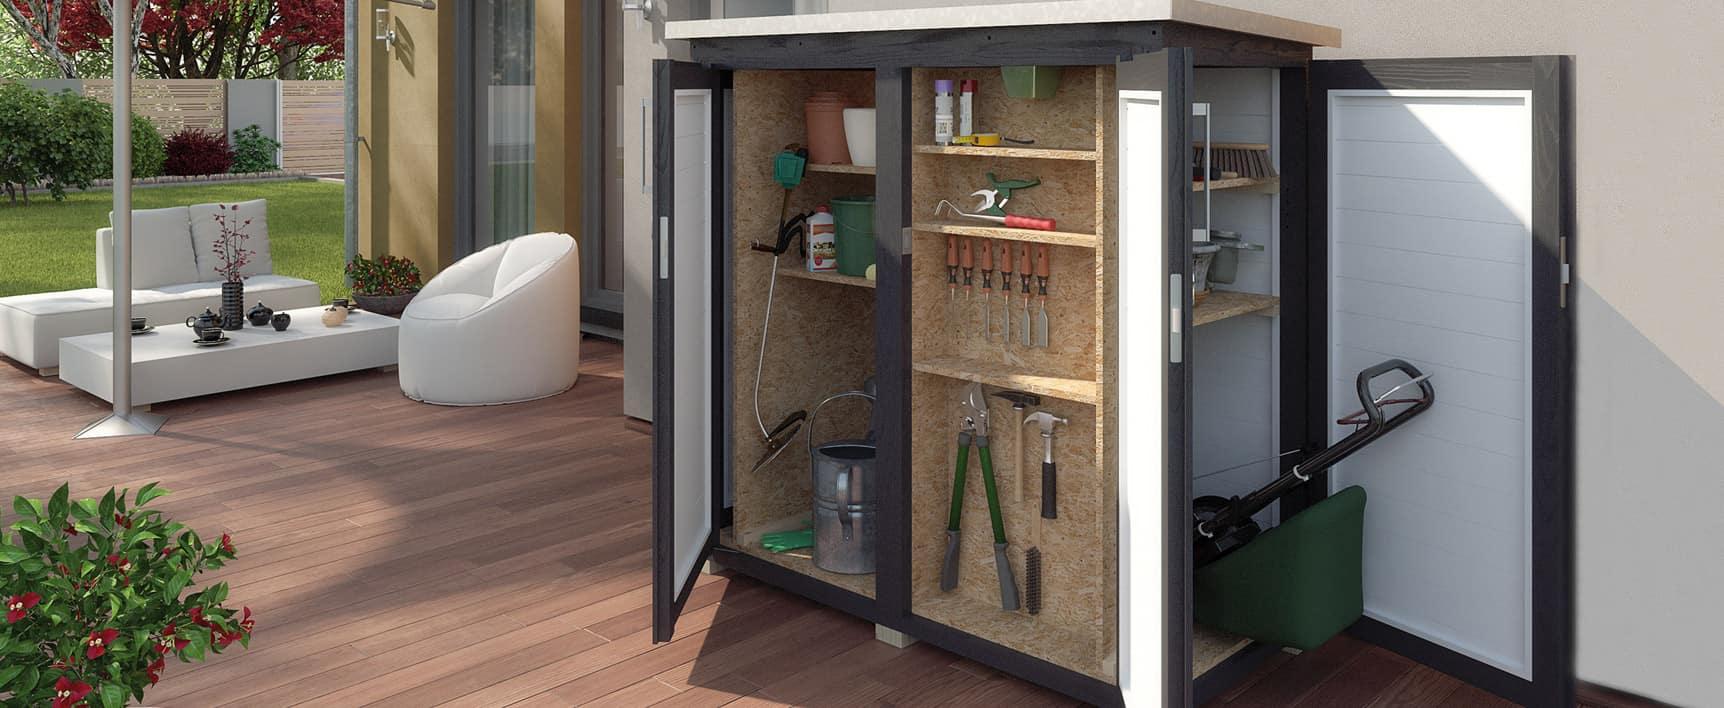 armoire de jardin avec outils